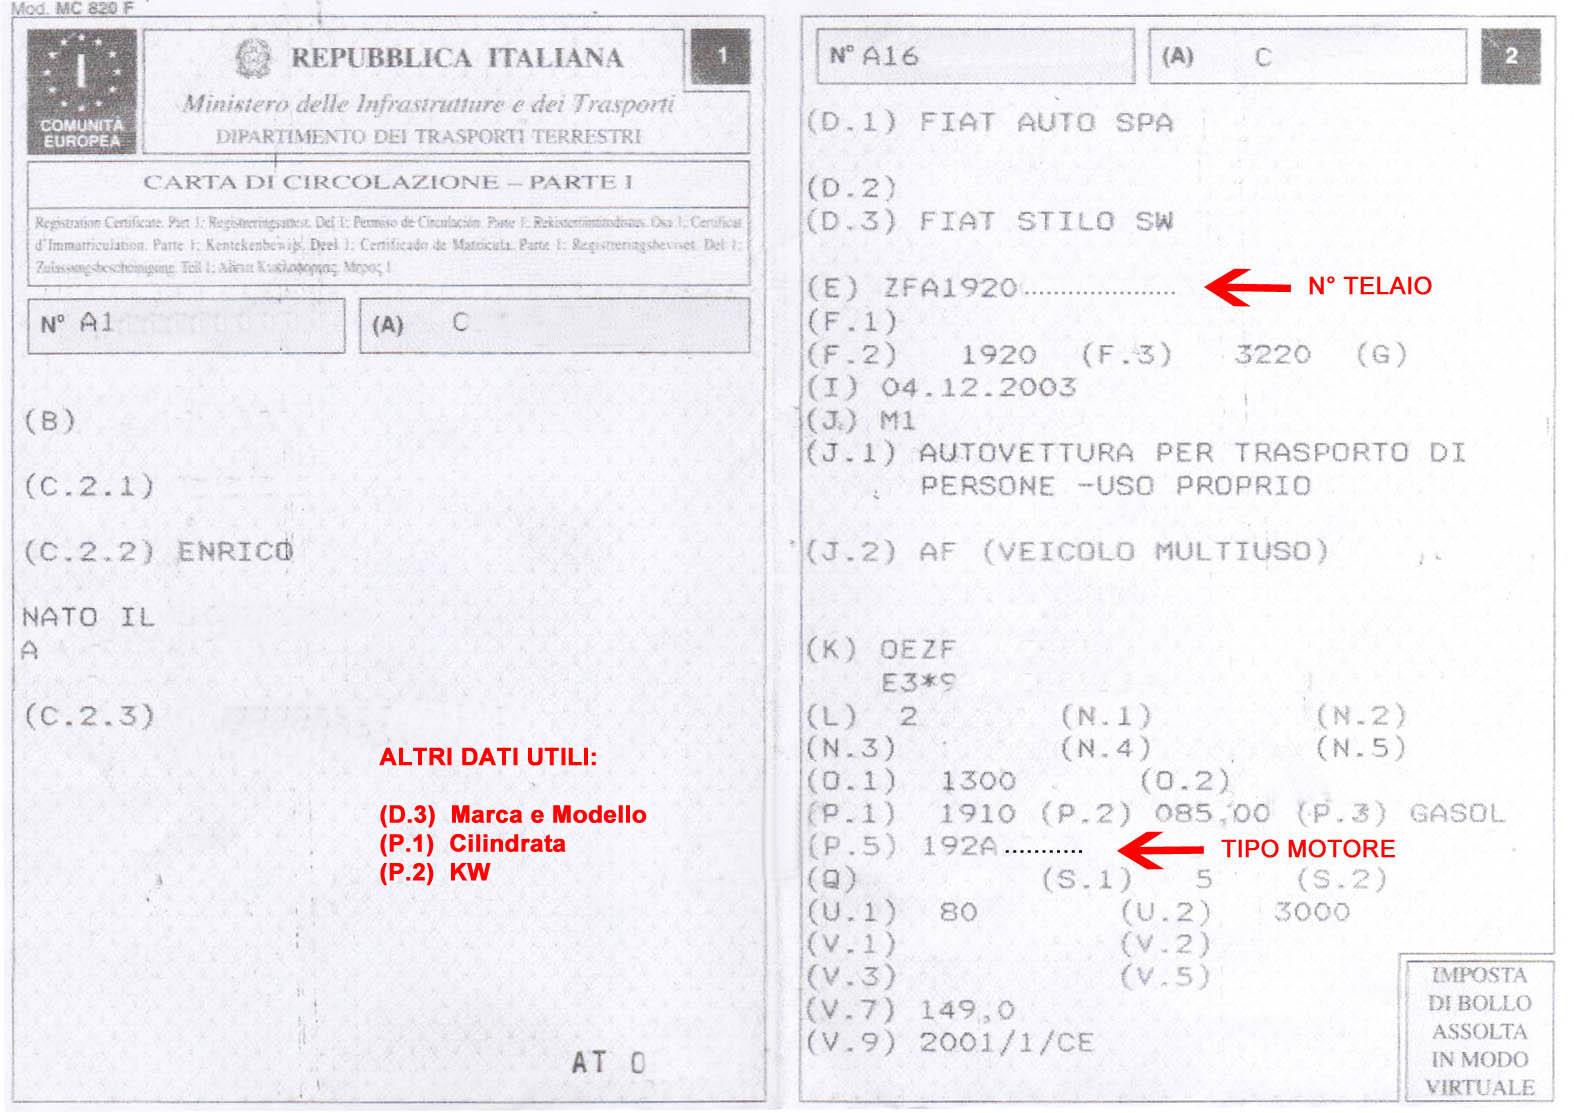 Turbocompressore Identificarlo E Richiedere Il Prezzo